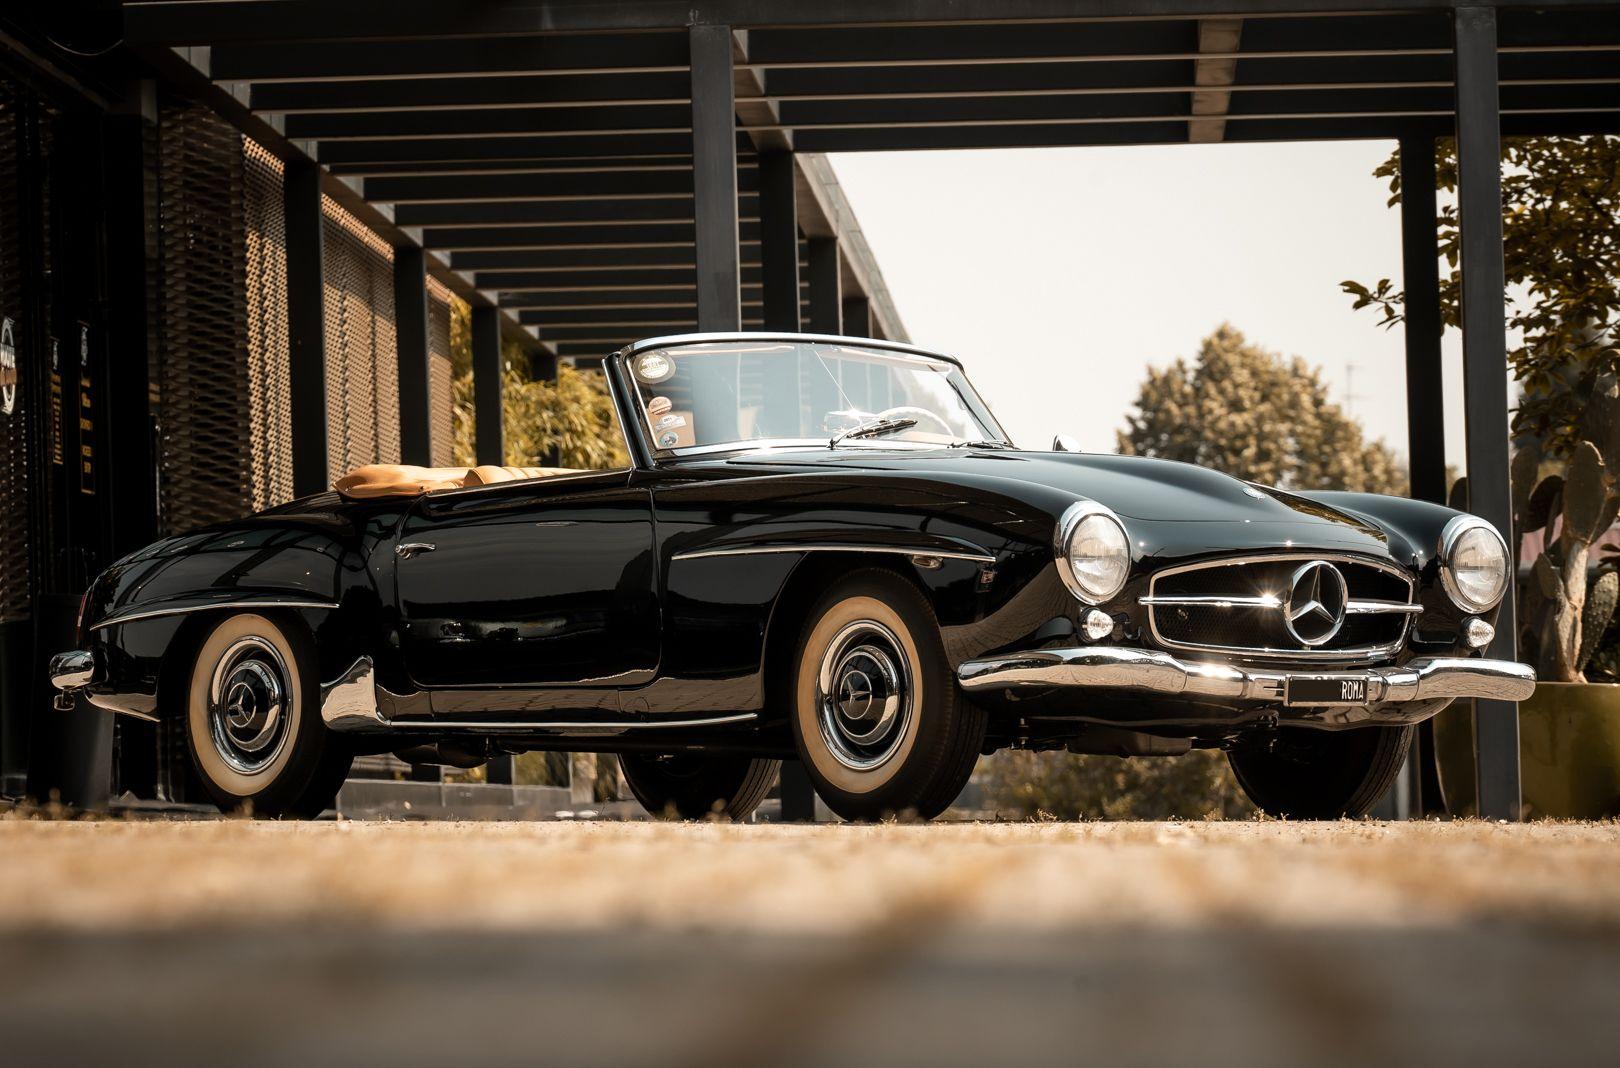 1961 Mercedes-Benz 190 SL 73838